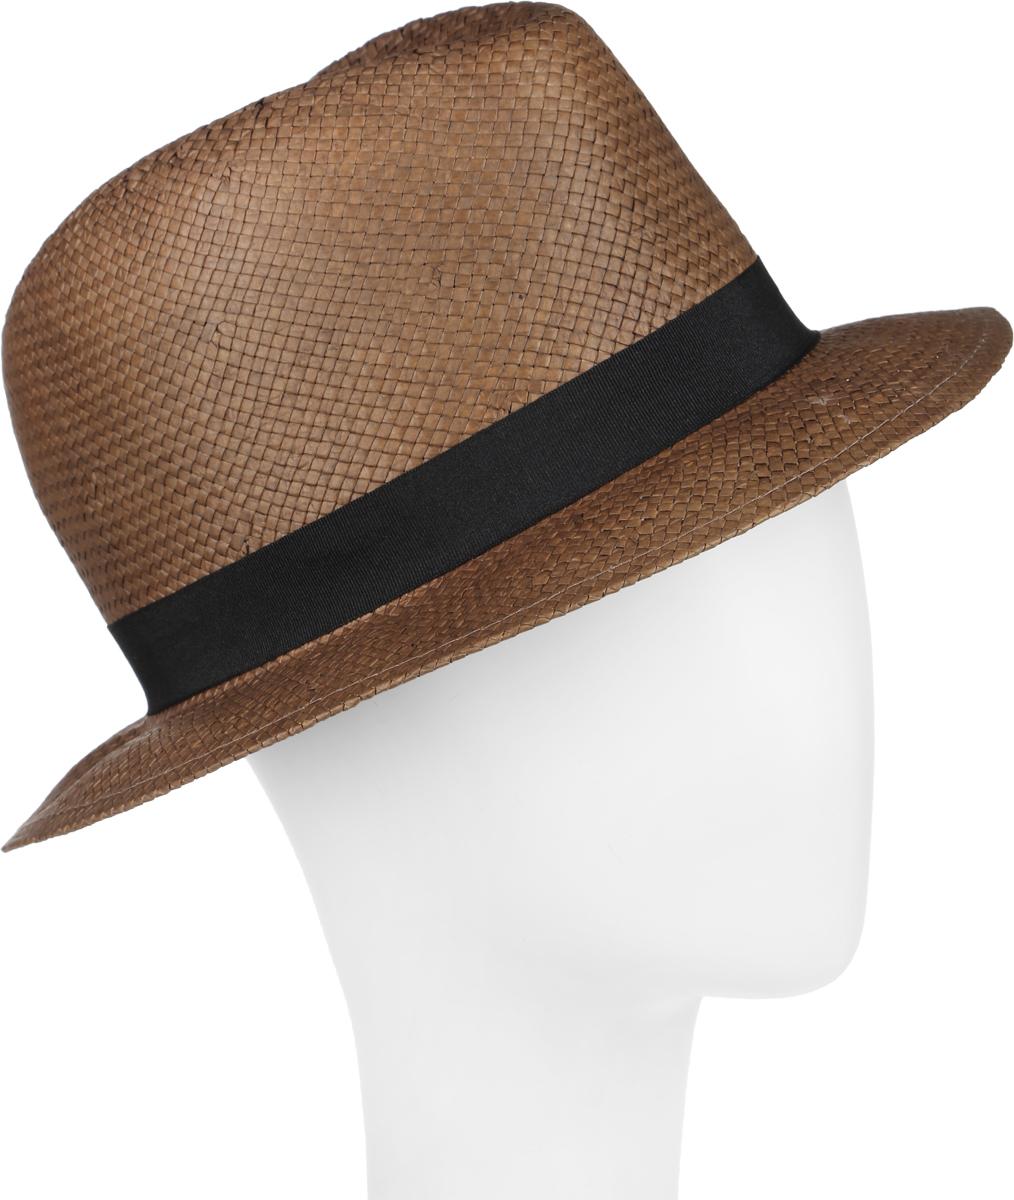 Шляпа женская Canoe Koko, цвет: коричневый. 1964339. Размер 561964339Шляпа-федора Canoe Koko непременно украсит любой наряд.Шляпа из искусственной соломы вокруг тульи оформлена трикотажной лентой и бантом с логотипом фирмы. Благодаря своей форме, шляпа удобно садится по голове и подойдет к любому стилю. Плетение шляпы позволяет ей пропускать воздух, что обеспечивает необходимую вентиляцию.Такая шляпа подчеркнет вашу неповторимость и дополнит ваш повседневный образ.